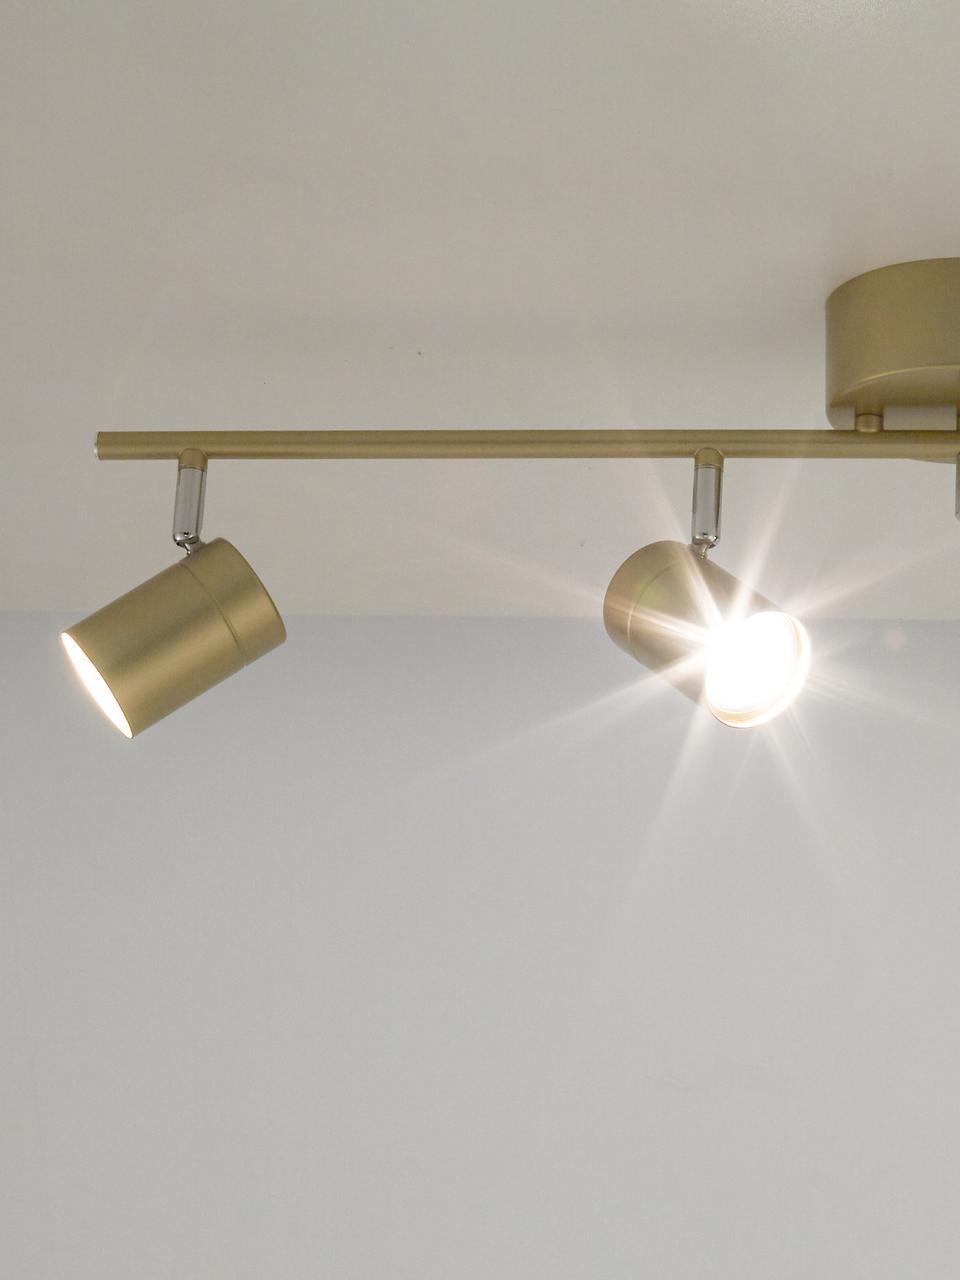 Faretti da soffitto Correct, Paralume: metallo rivestito, Struttura: metallo rivestito, Baldacchino: metallo rivestito, Dorato, Larg. 83 x Alt. 18 cm